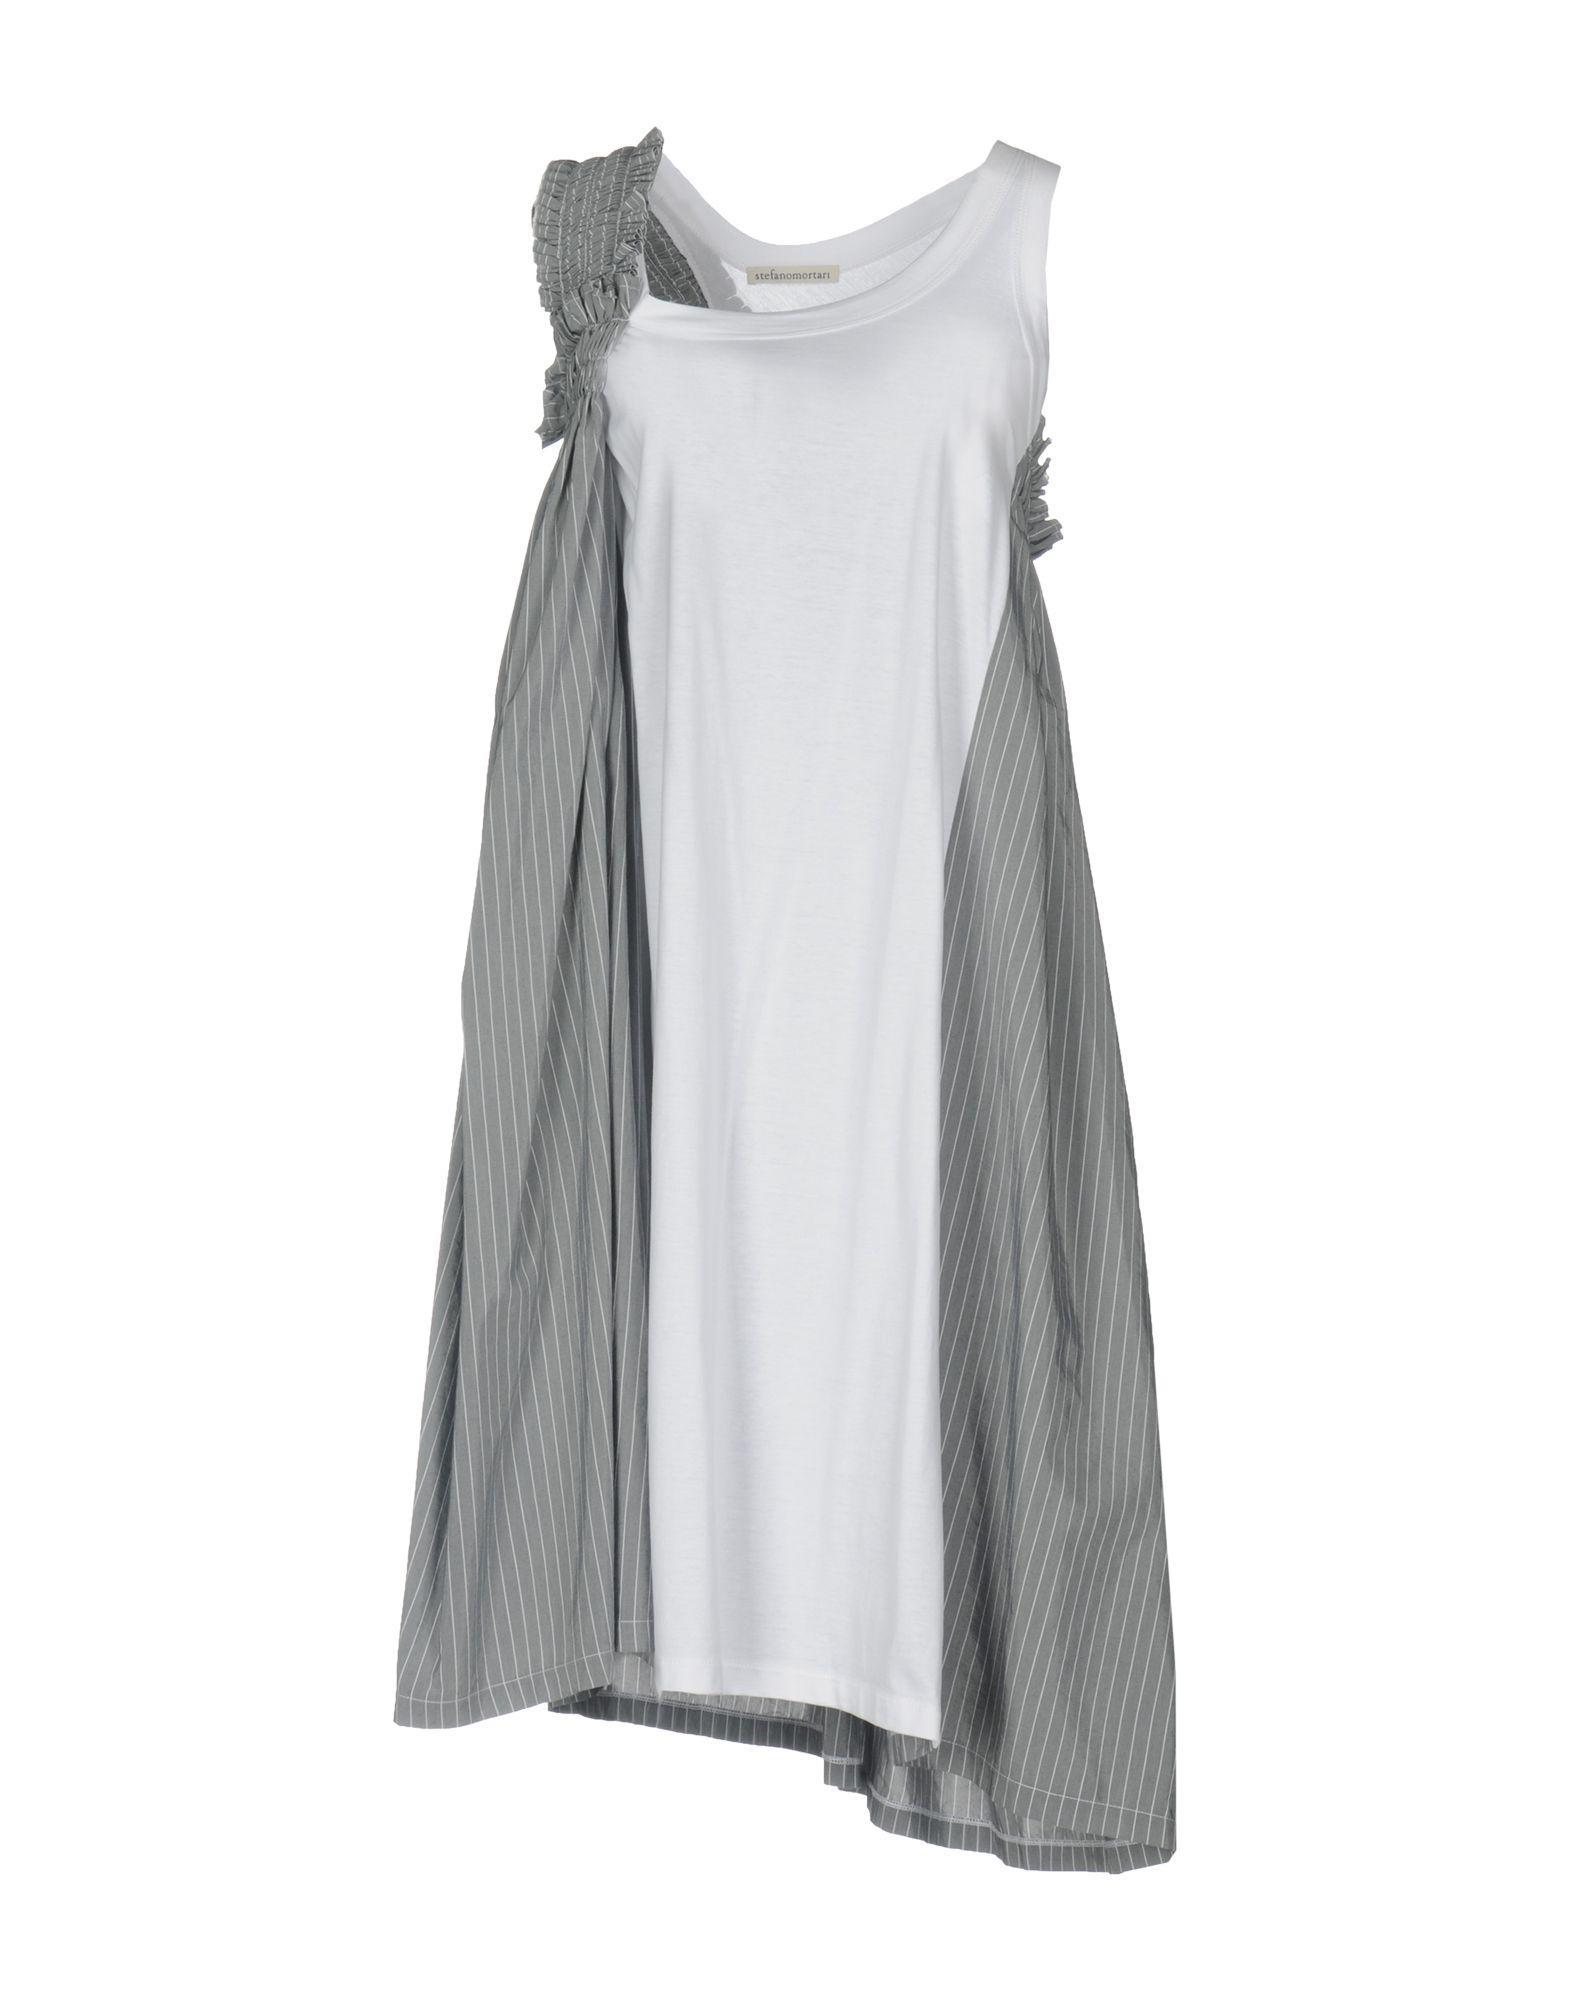 DRESSES - 3/4 length dresses Stefano Mortari kyBn86xLN